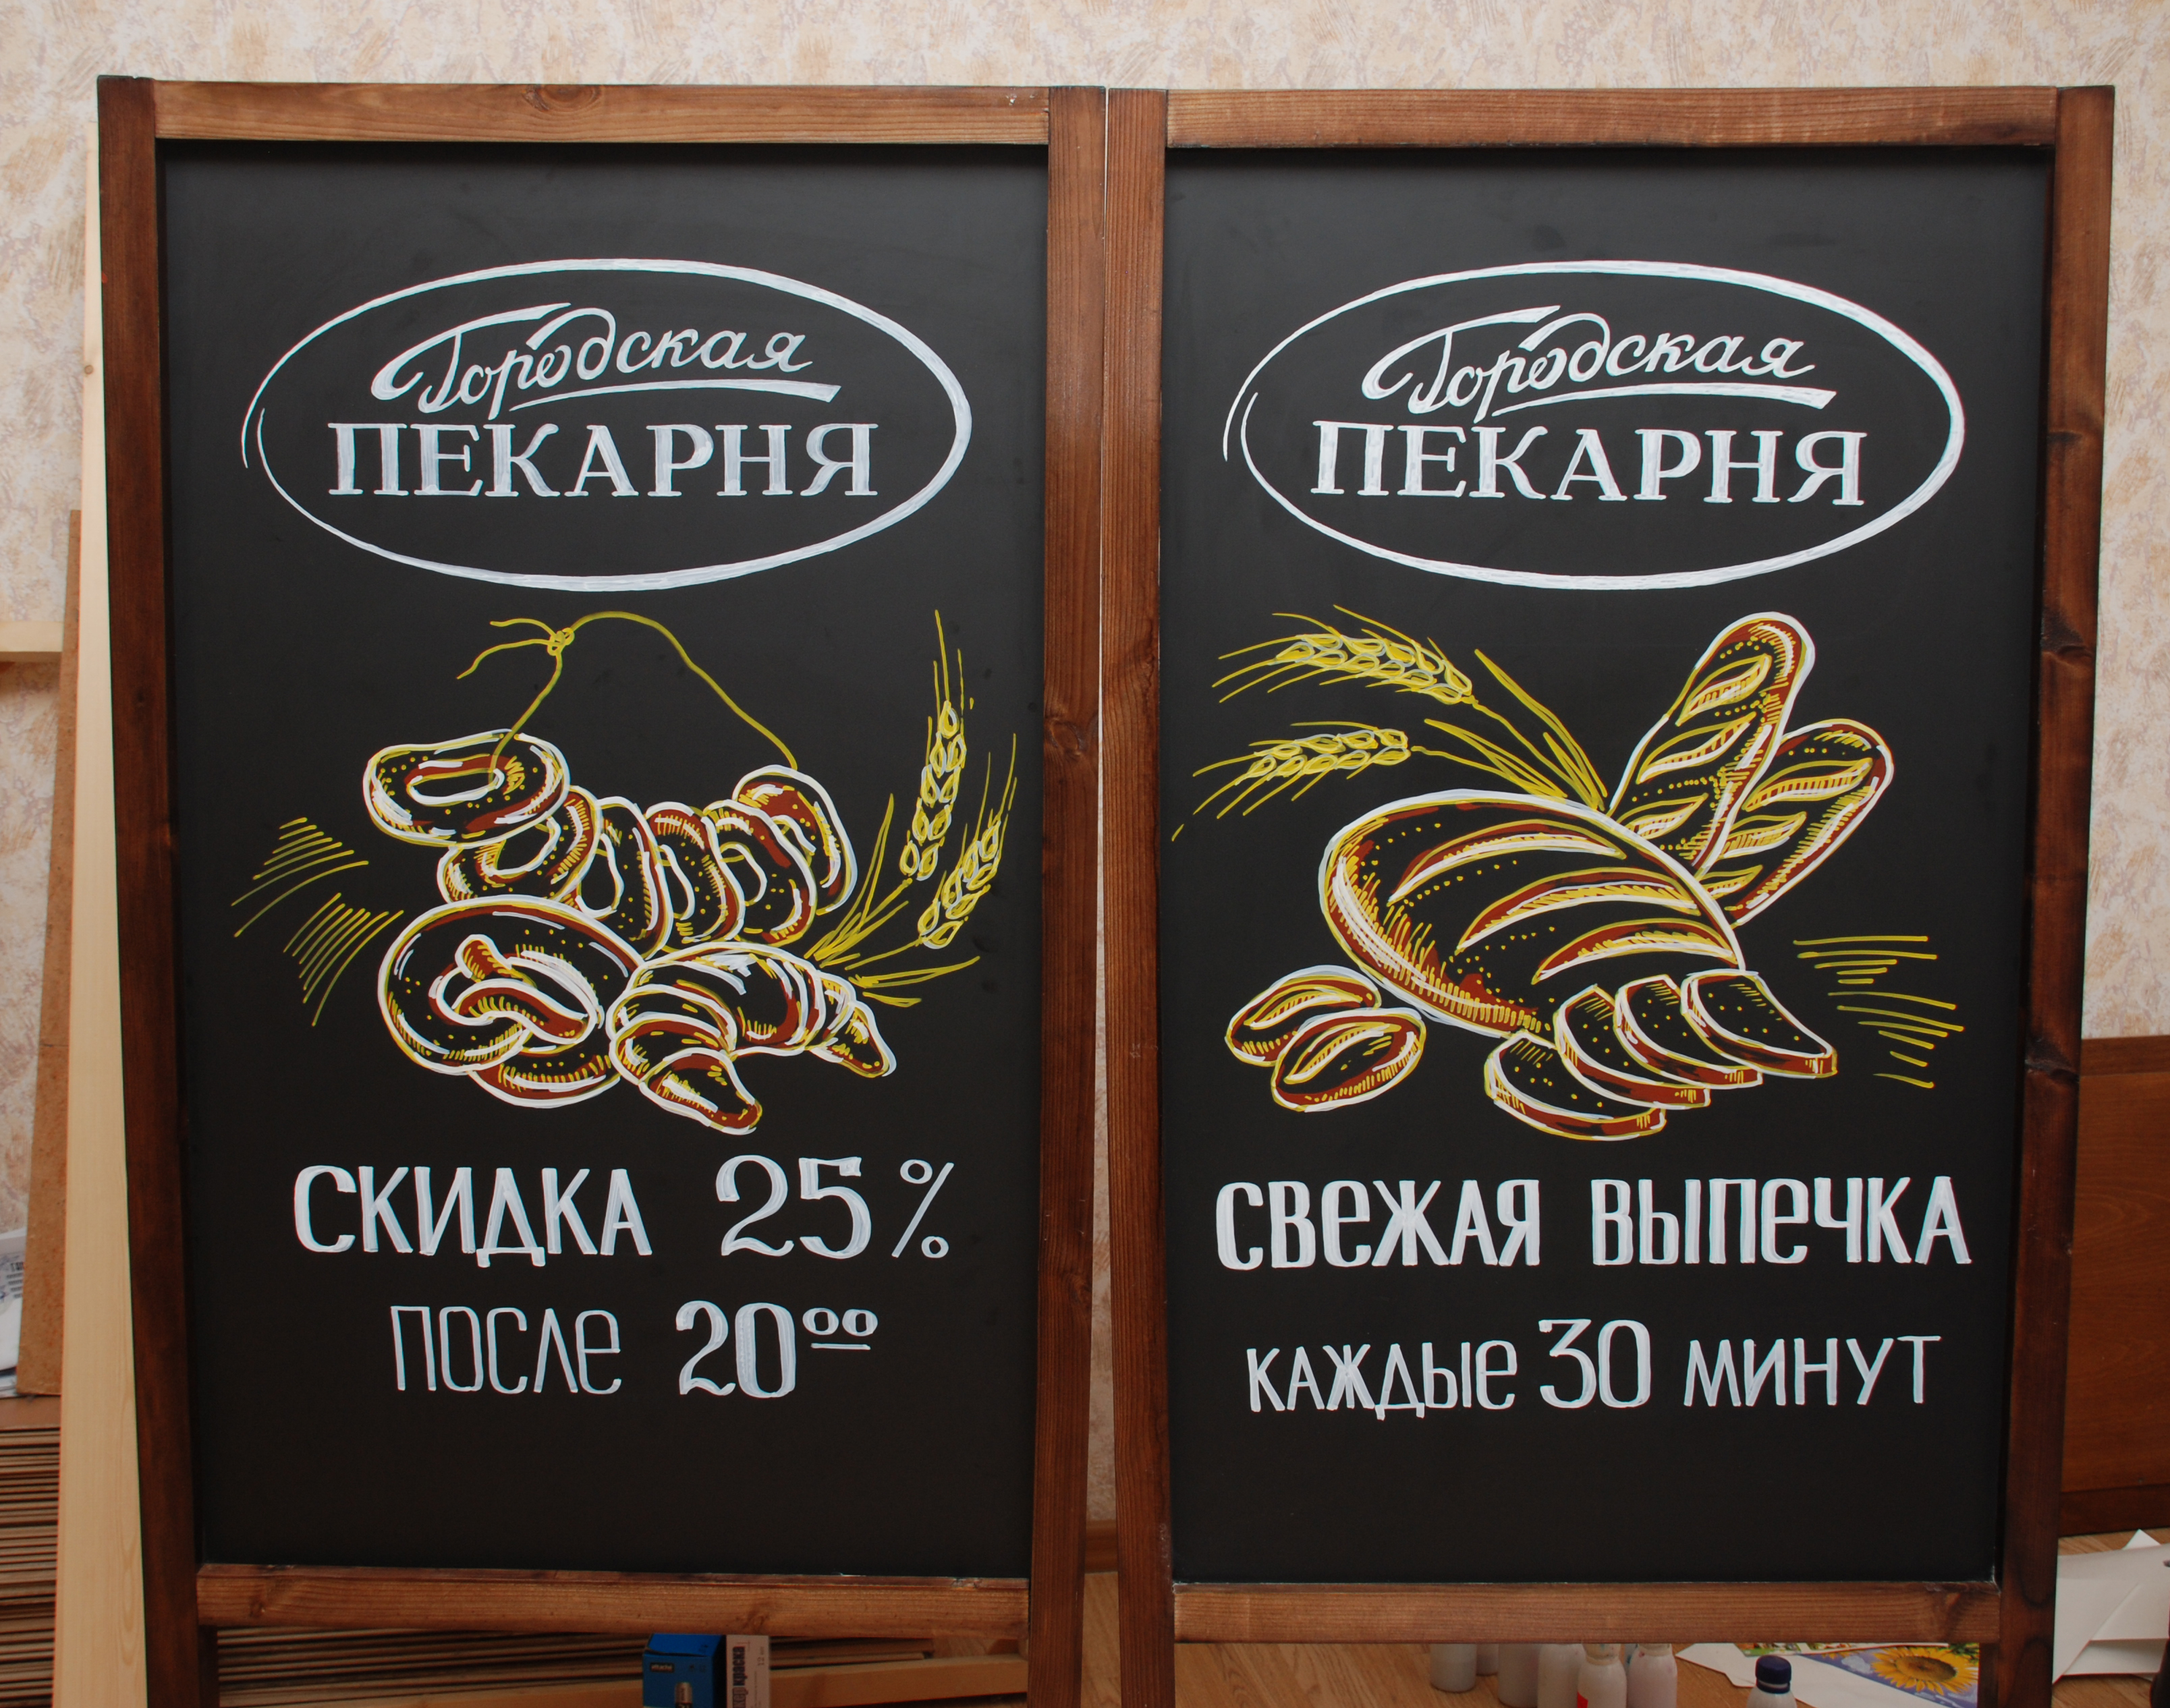 Оформление штендера Городская Пекарня (2).jpg